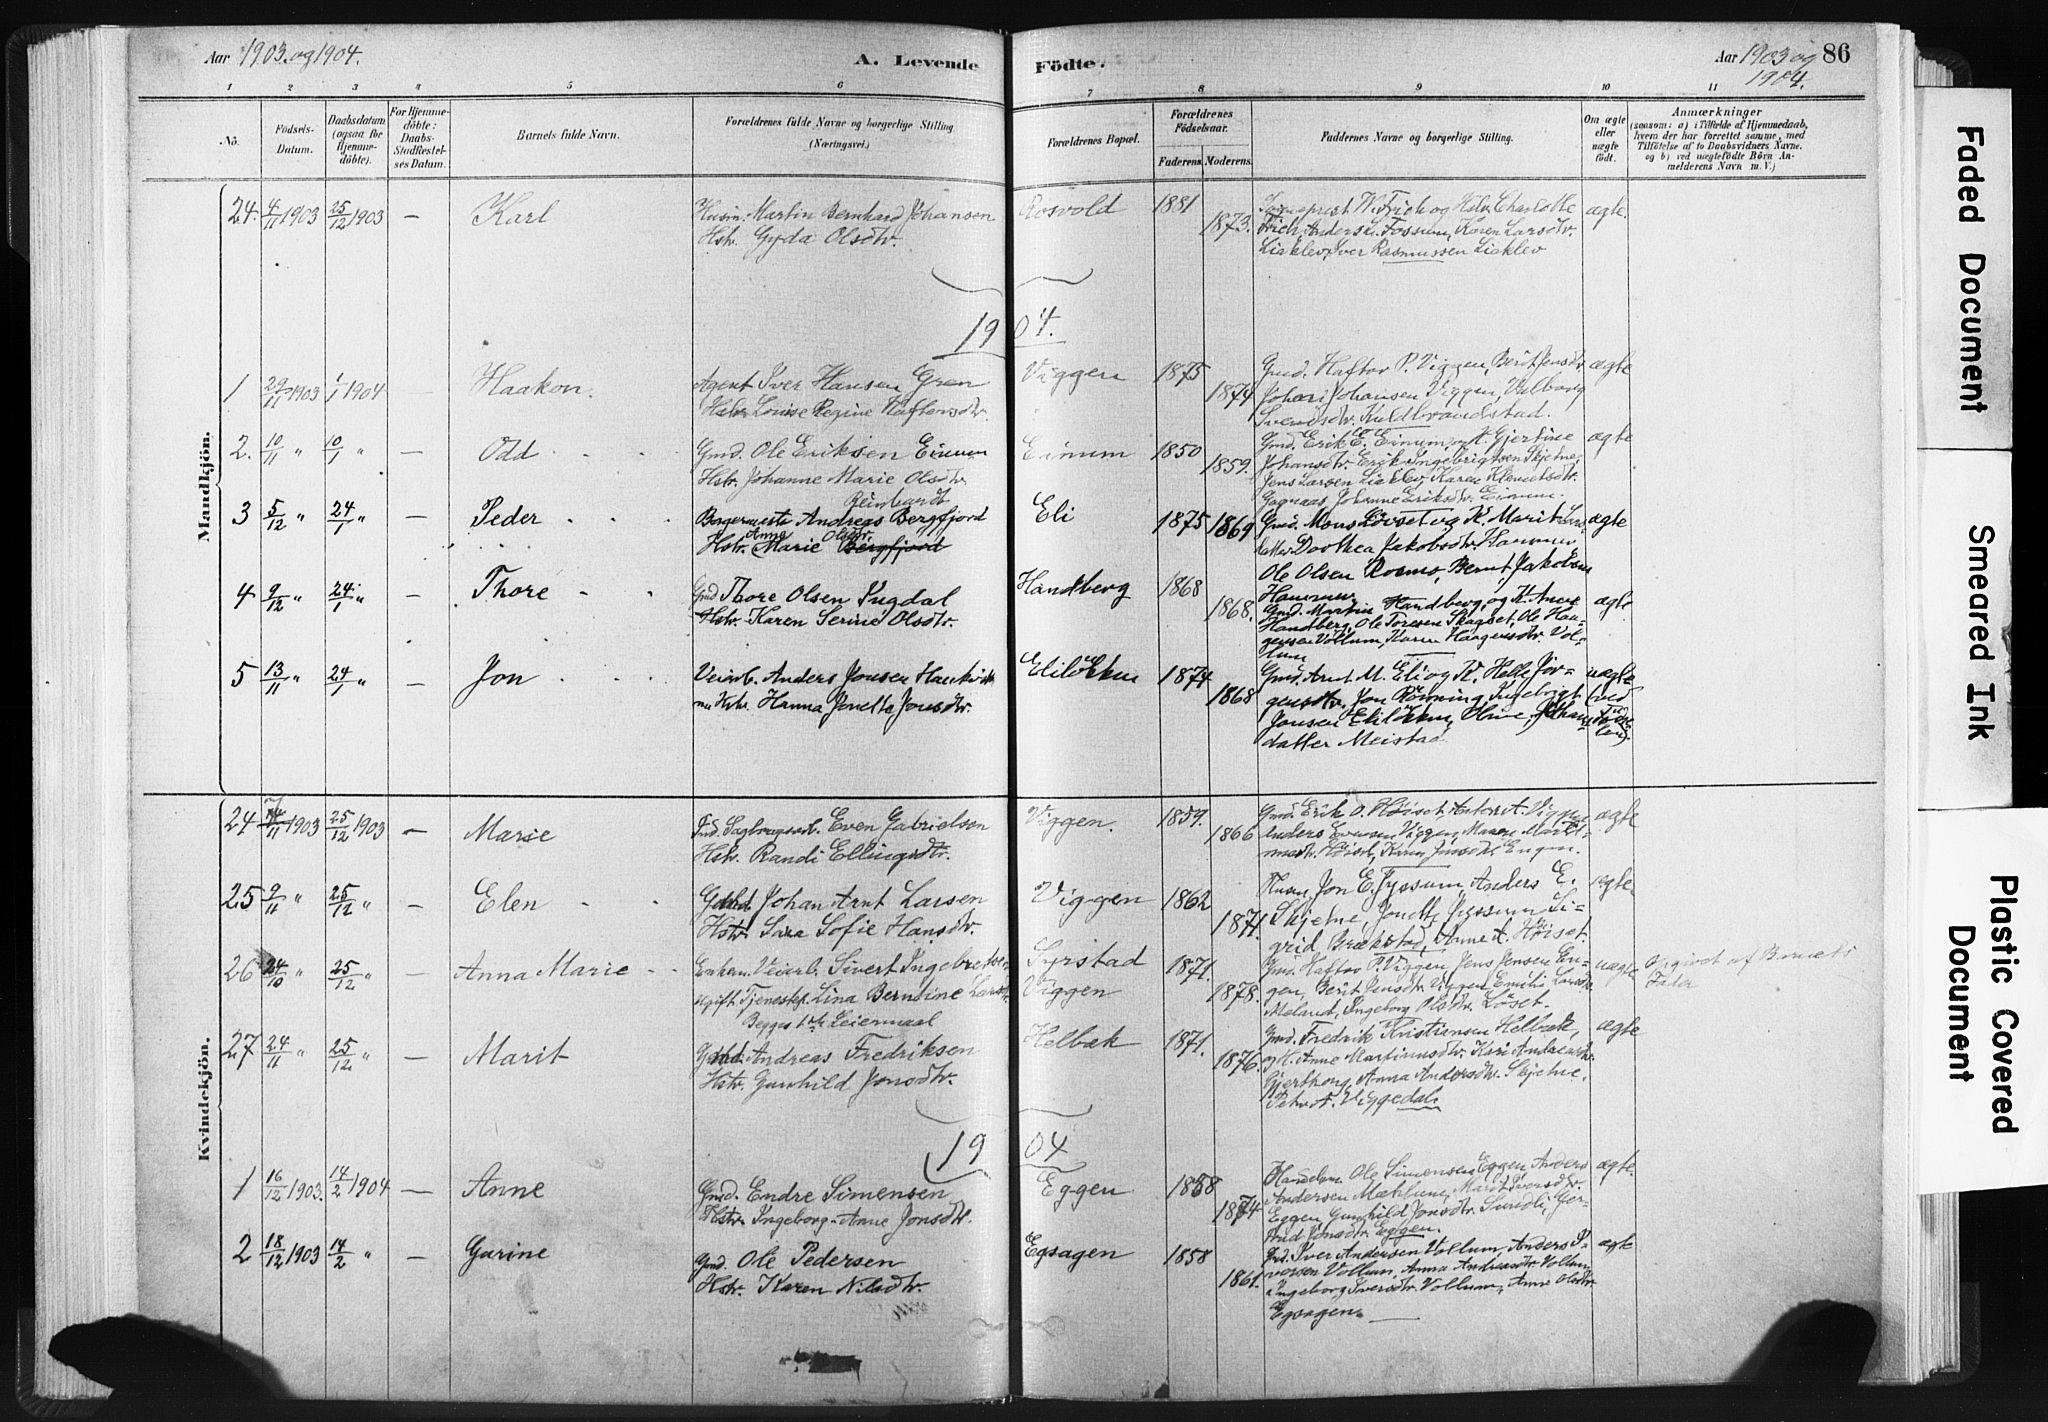 SAT, Ministerialprotokoller, klokkerbøker og fødselsregistre - Sør-Trøndelag, 665/L0773: Ministerialbok nr. 665A08, 1879-1905, s. 86